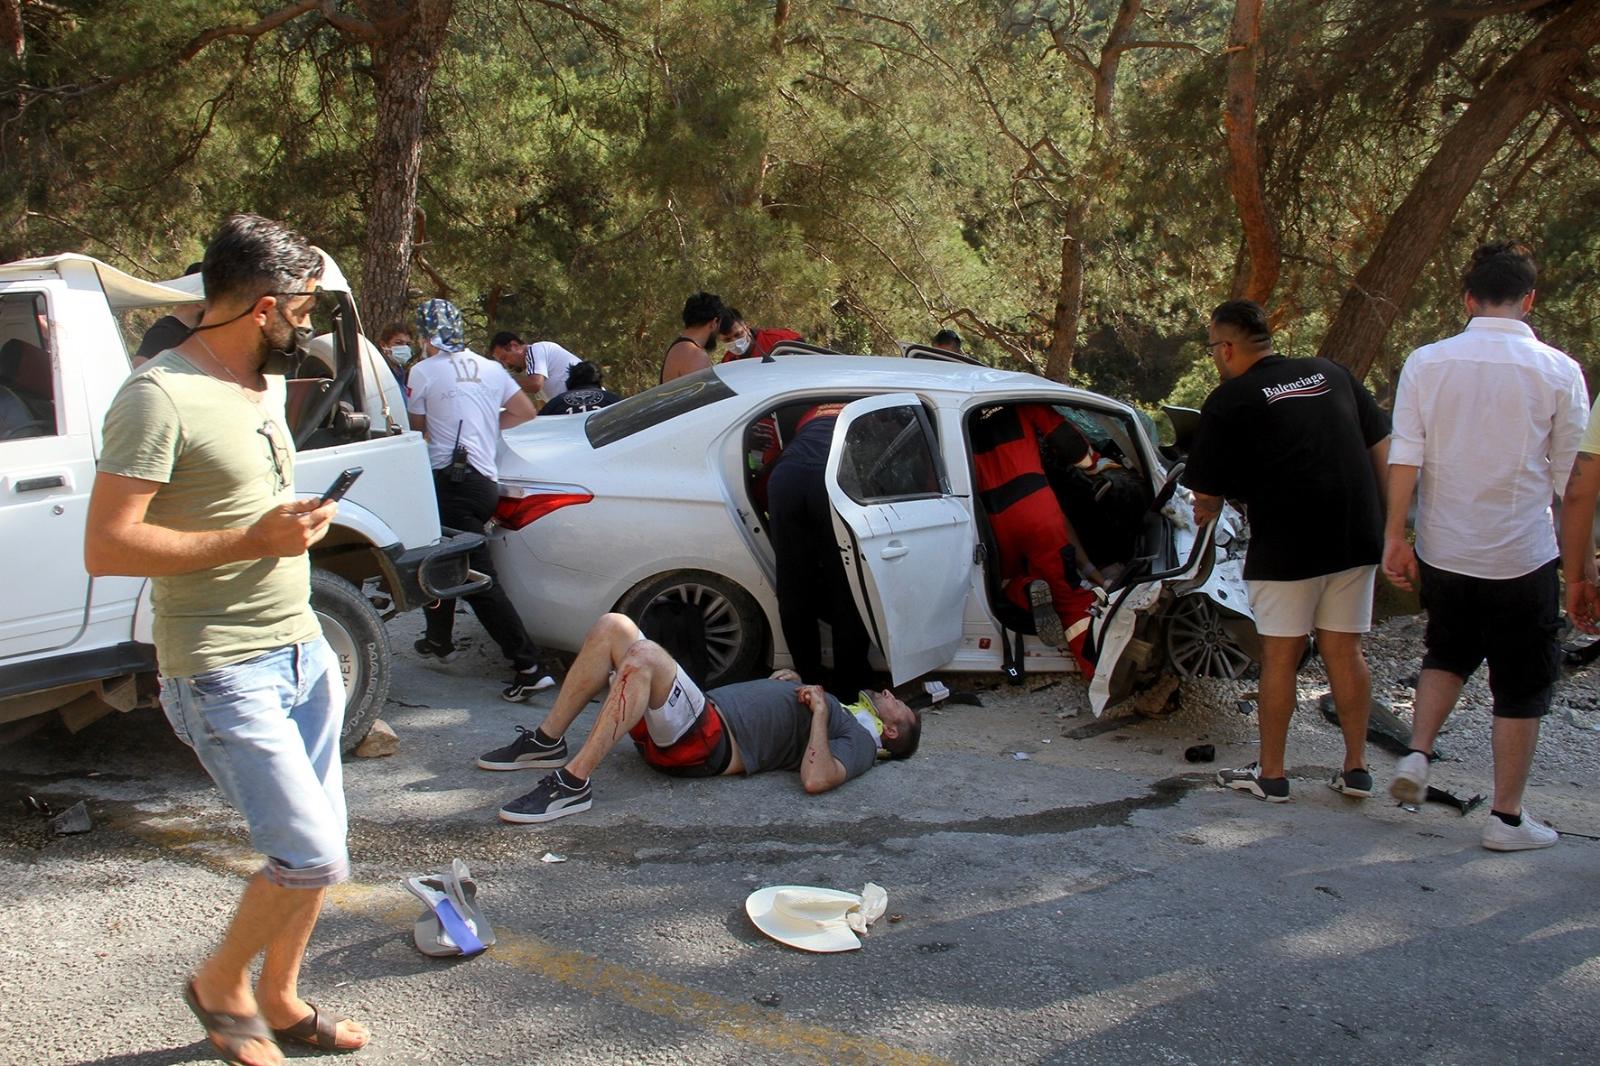 Fethiye'de Otomobil İle Cip Çarpıştı: 8 Yaralı